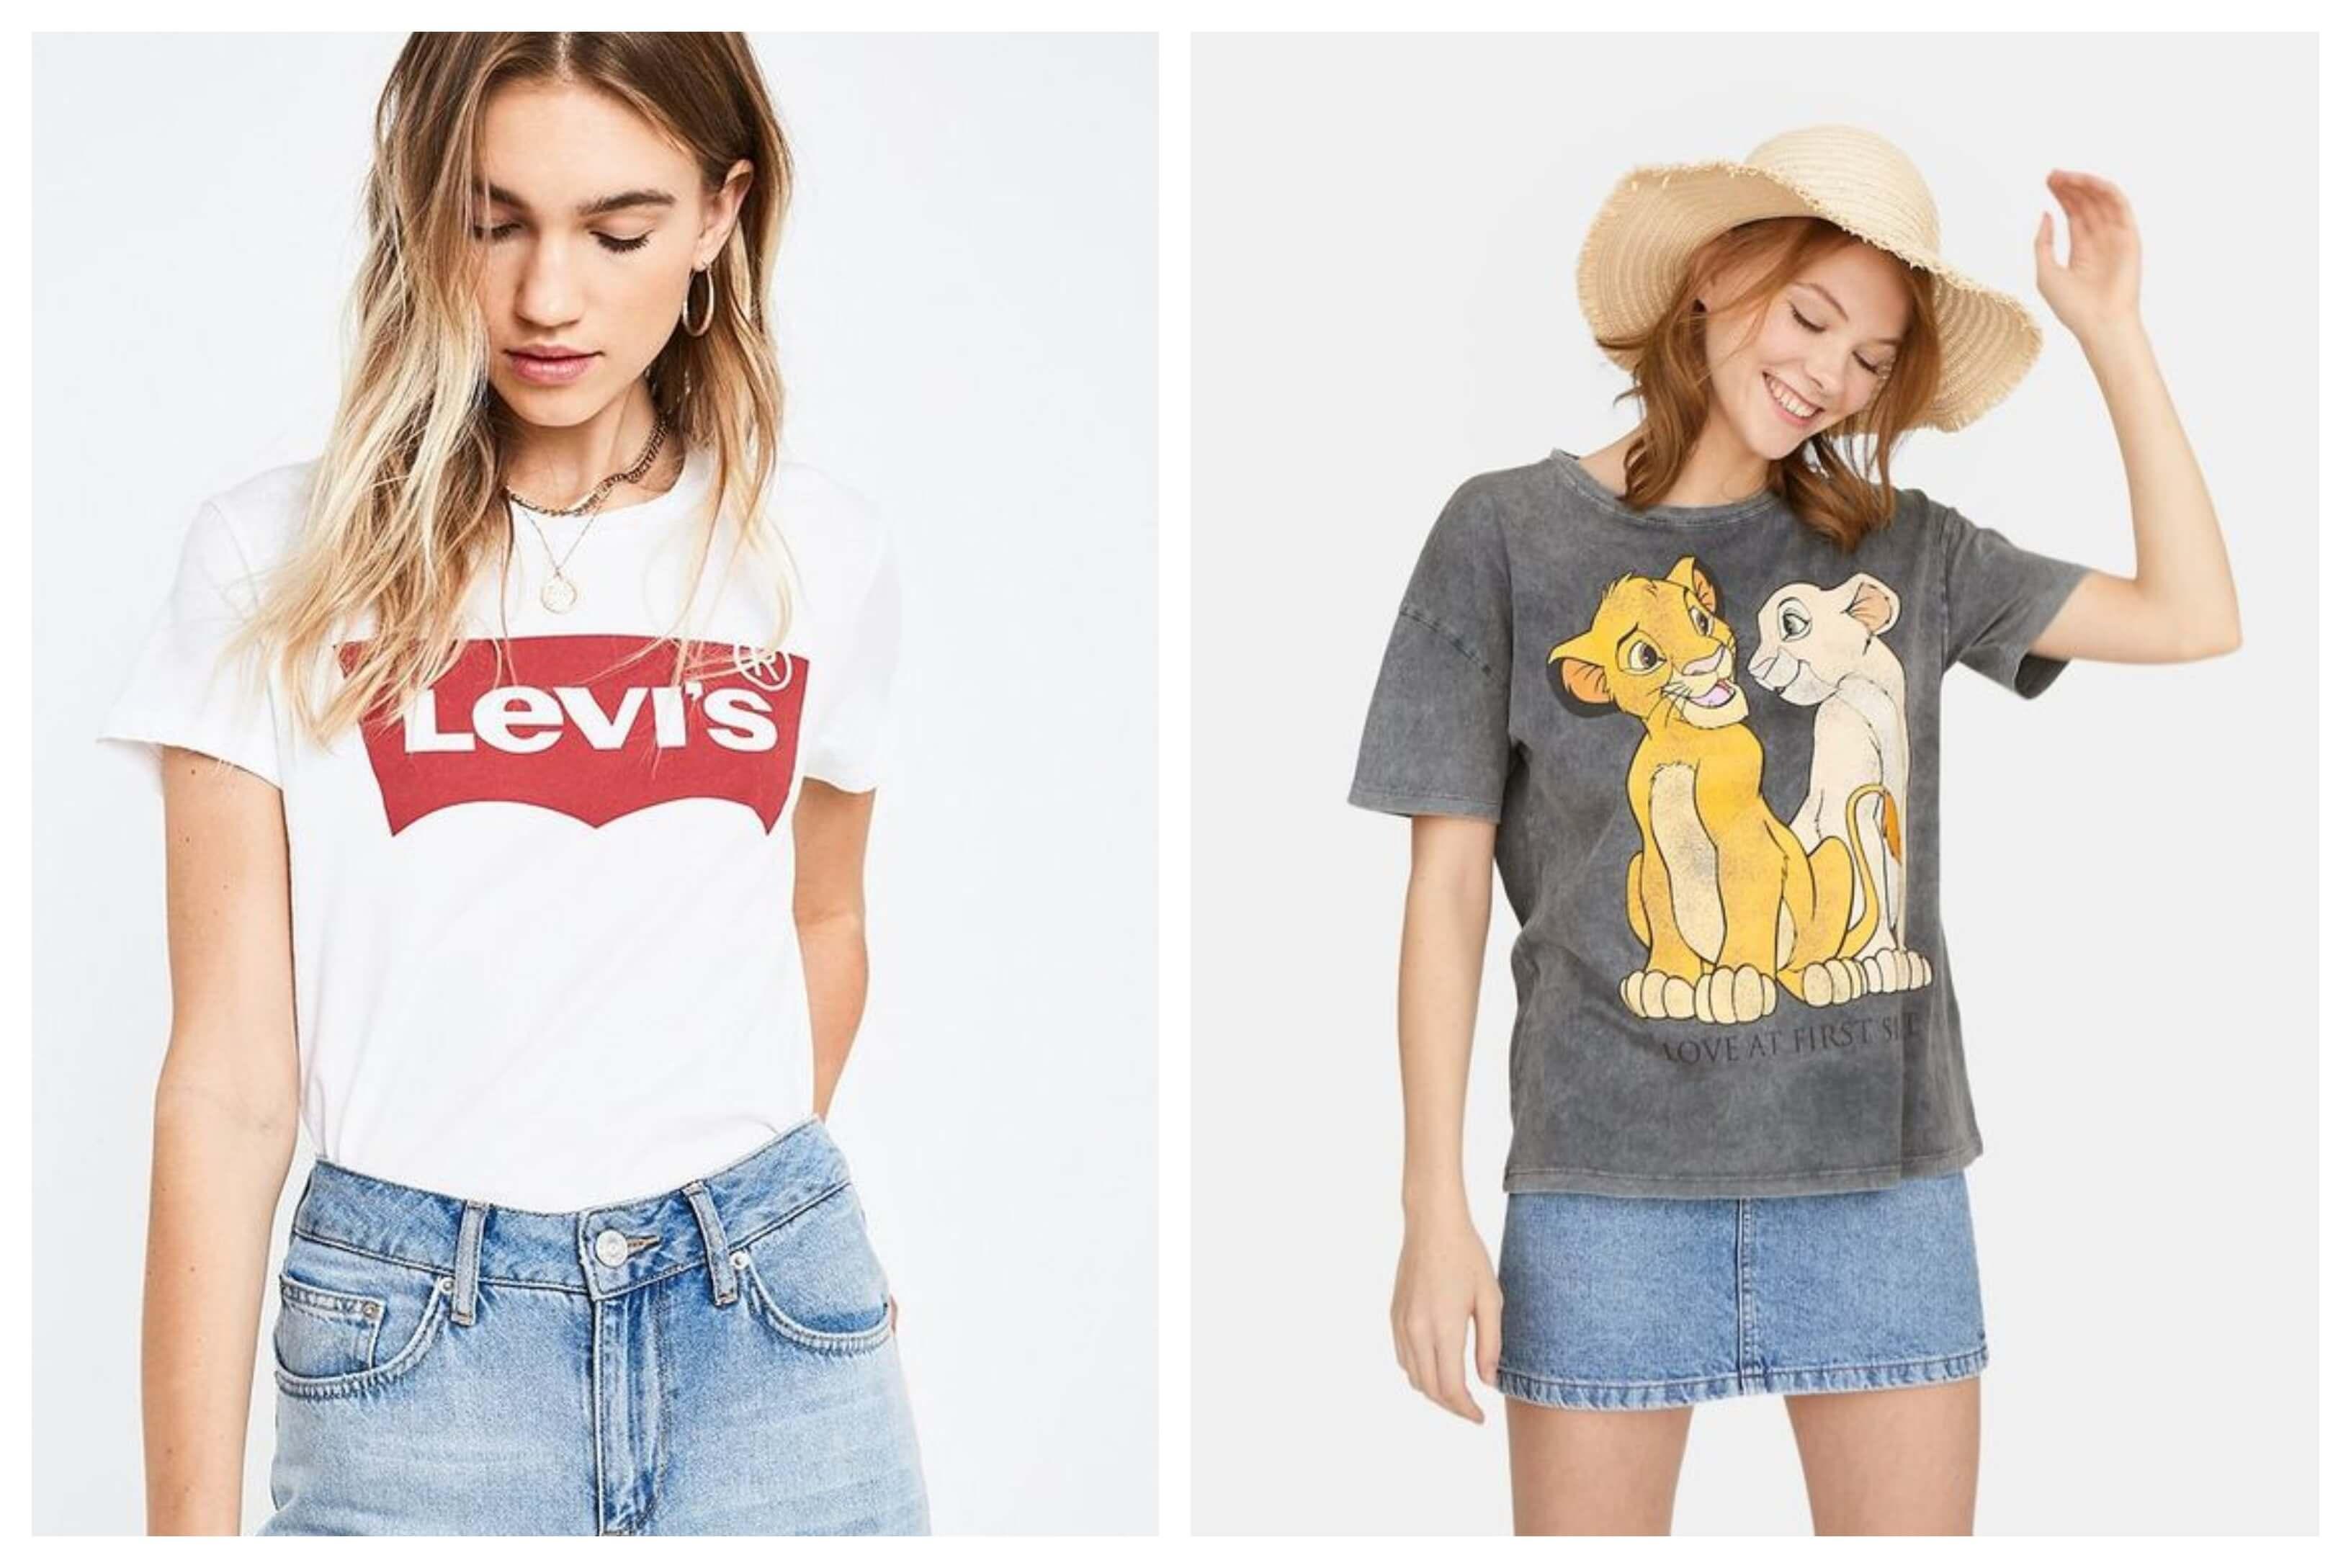 Camisetas gráficas: ¿qué nos atrae de ellas?